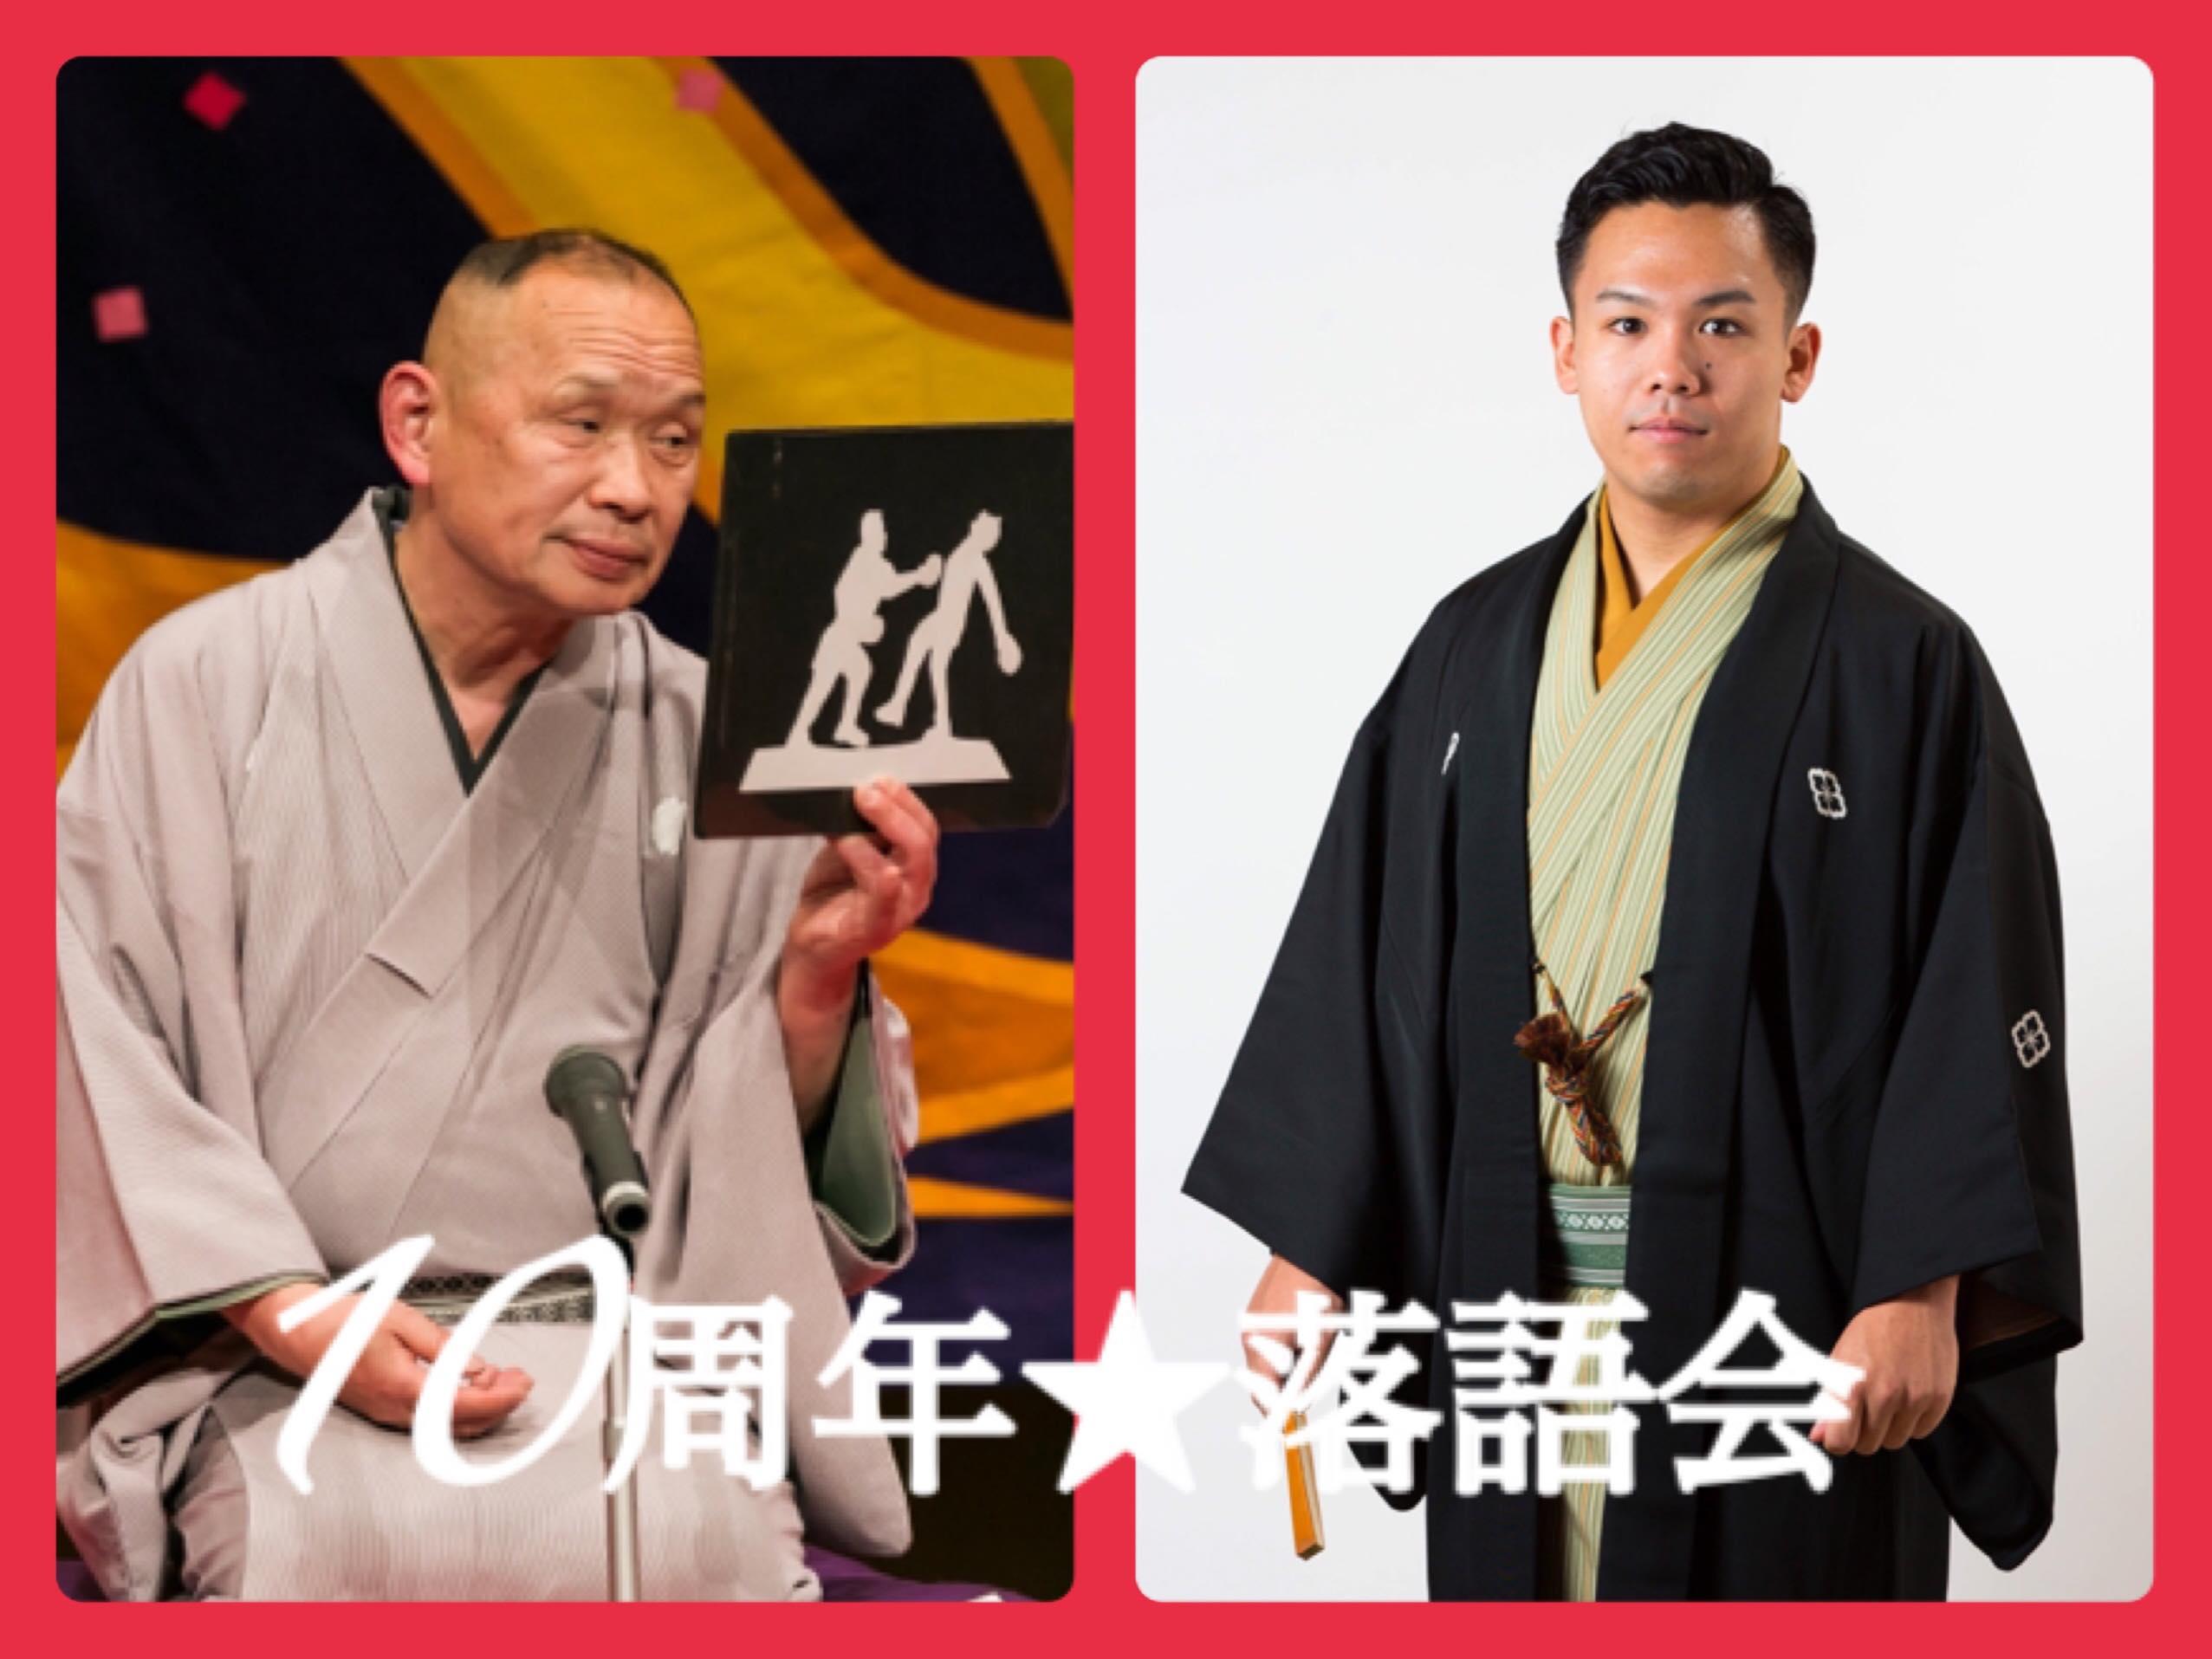 リモートで落語を楽しもう! ~林家たま平・林家正楽 オンライン落語会~